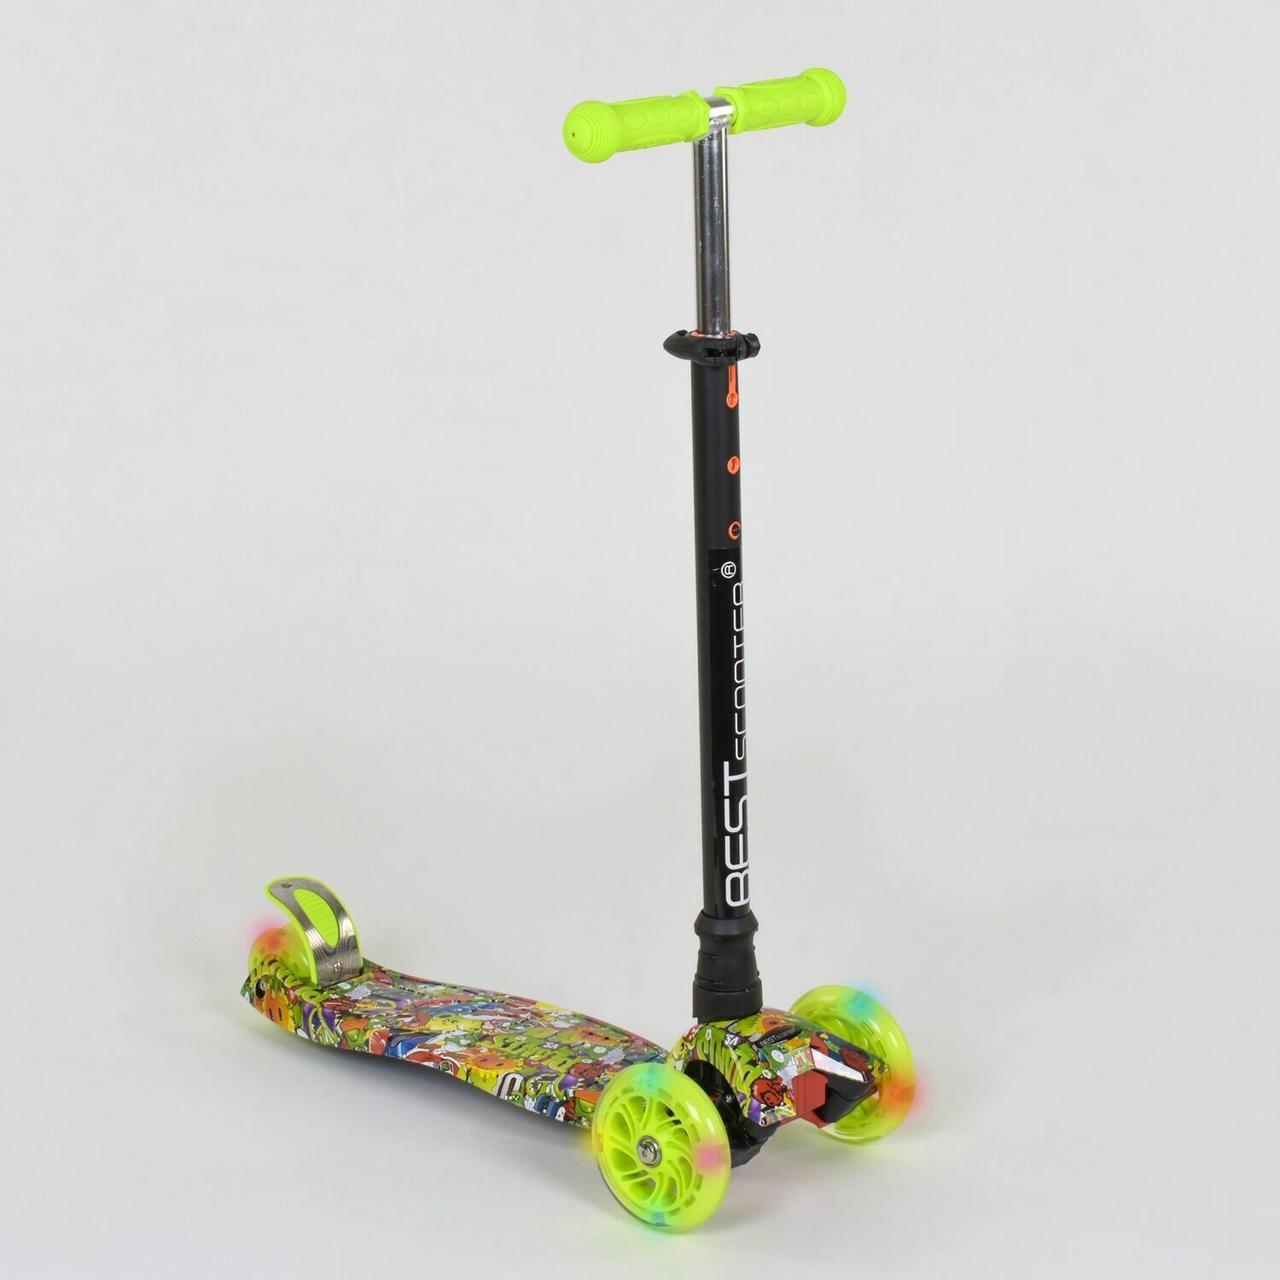 Самокат трехколесный для детей от 3 лет Best Scooter Maxi А 25534 / 779-1332 с подсветкой колес, салатовый